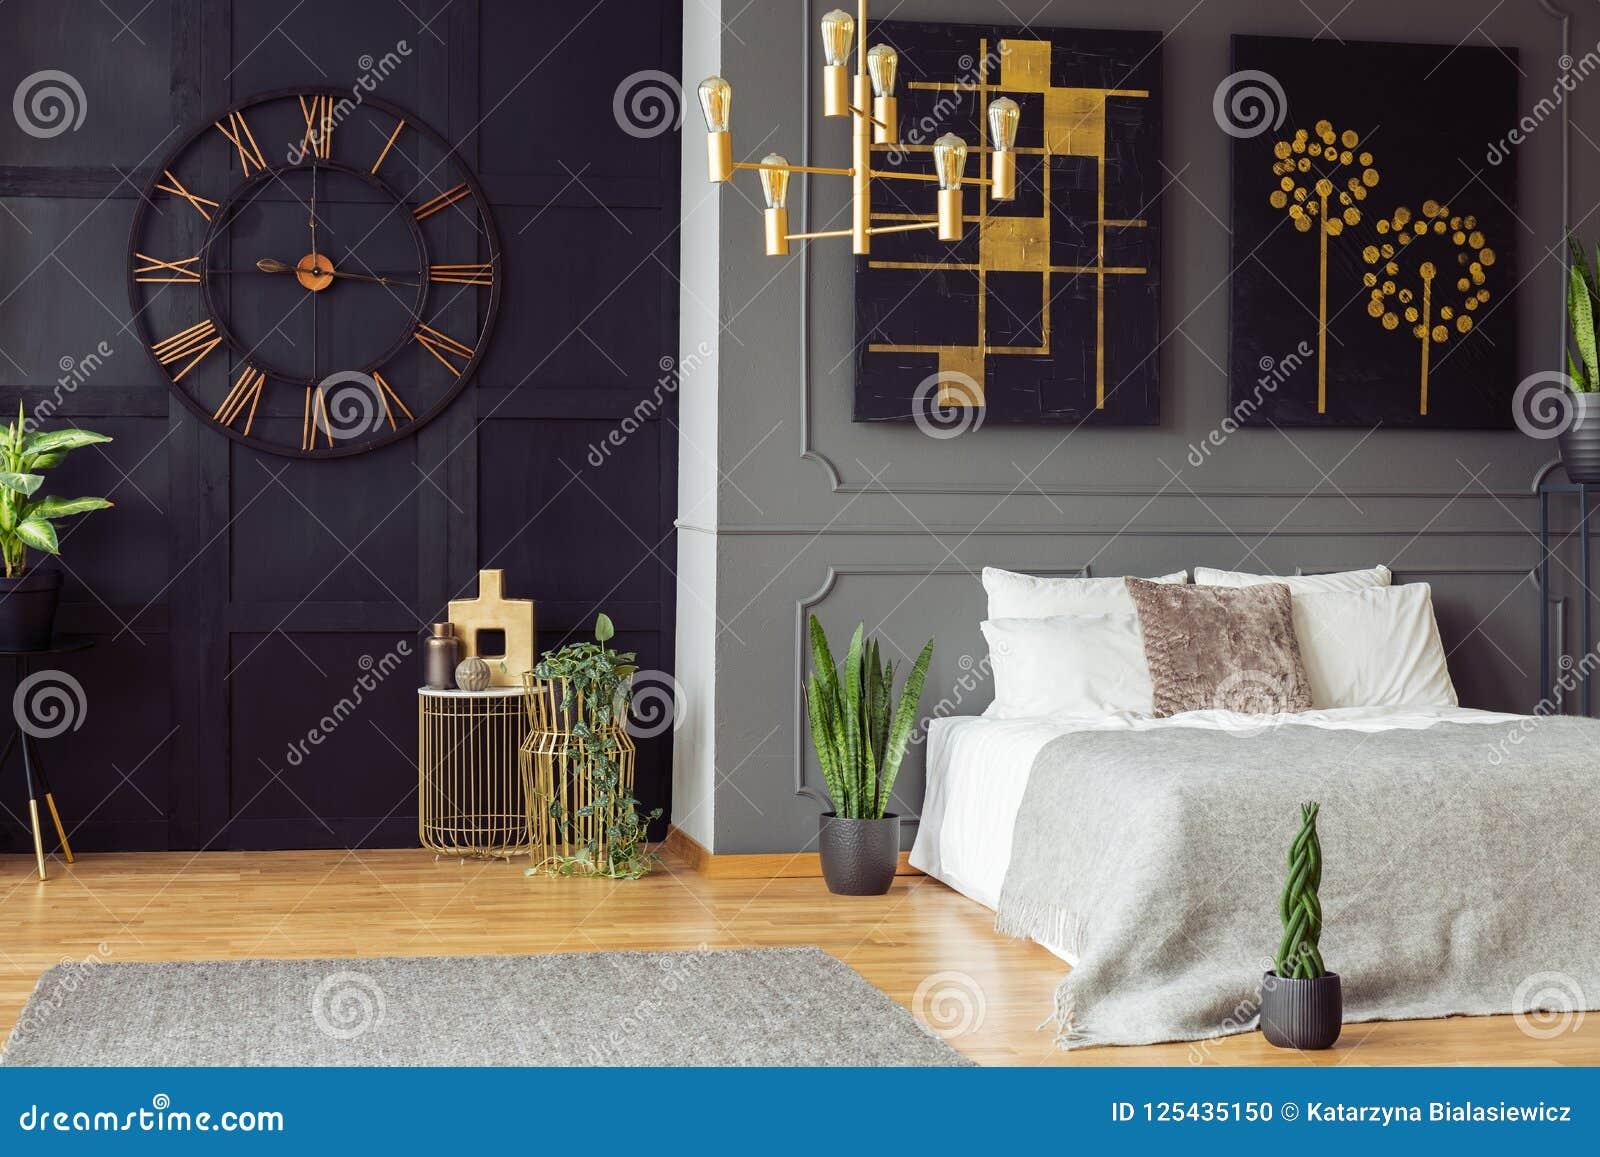 Chambre Noir Blanc Et Or horloge noire, lustre d'or, peintures et lit blanc dans un